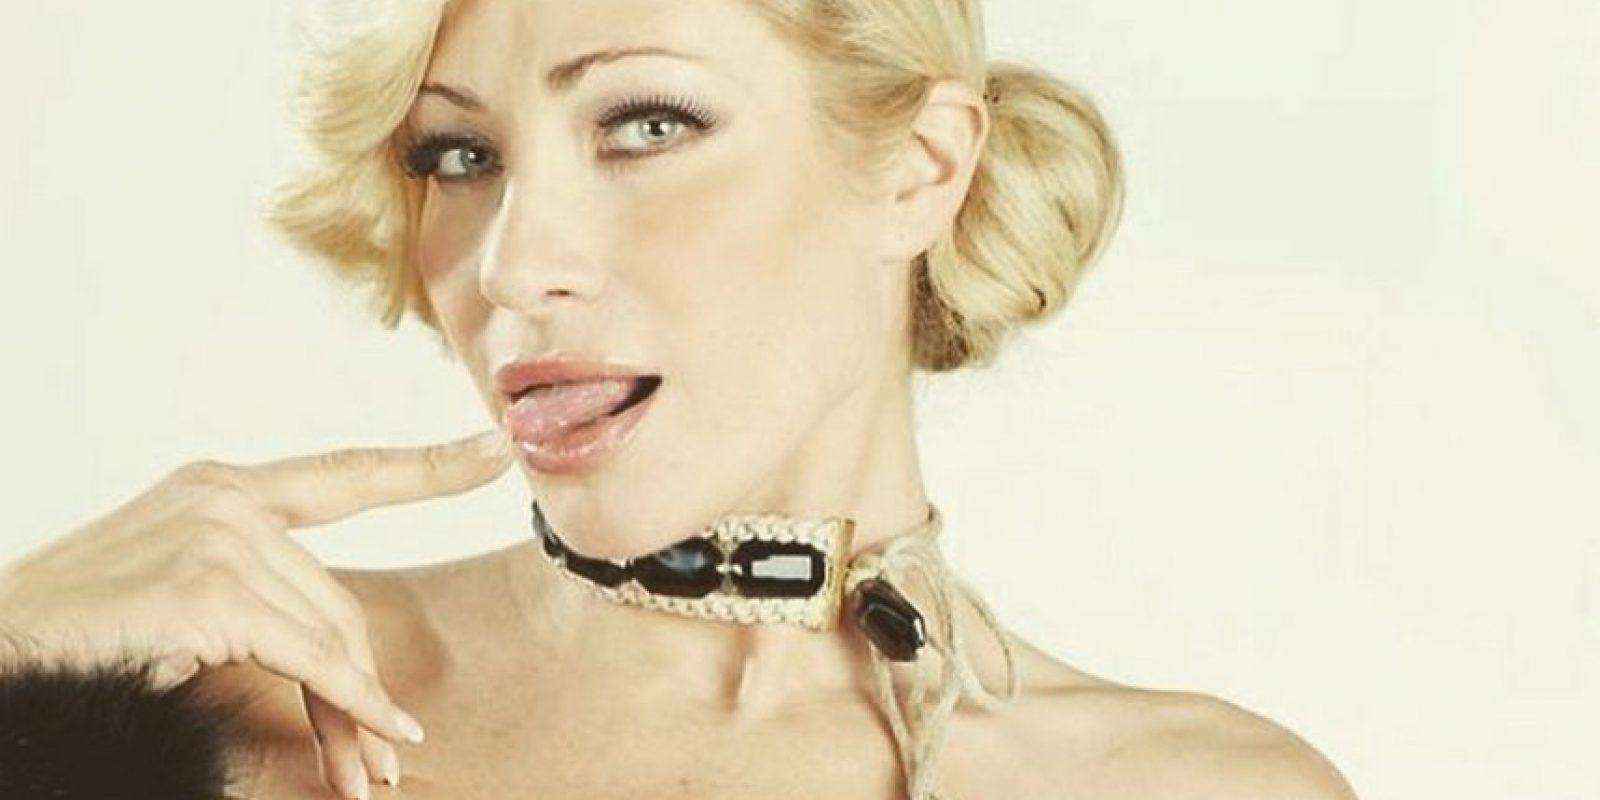 Tiene 36 años Foto:Vía instagram.com/vittoria_risi